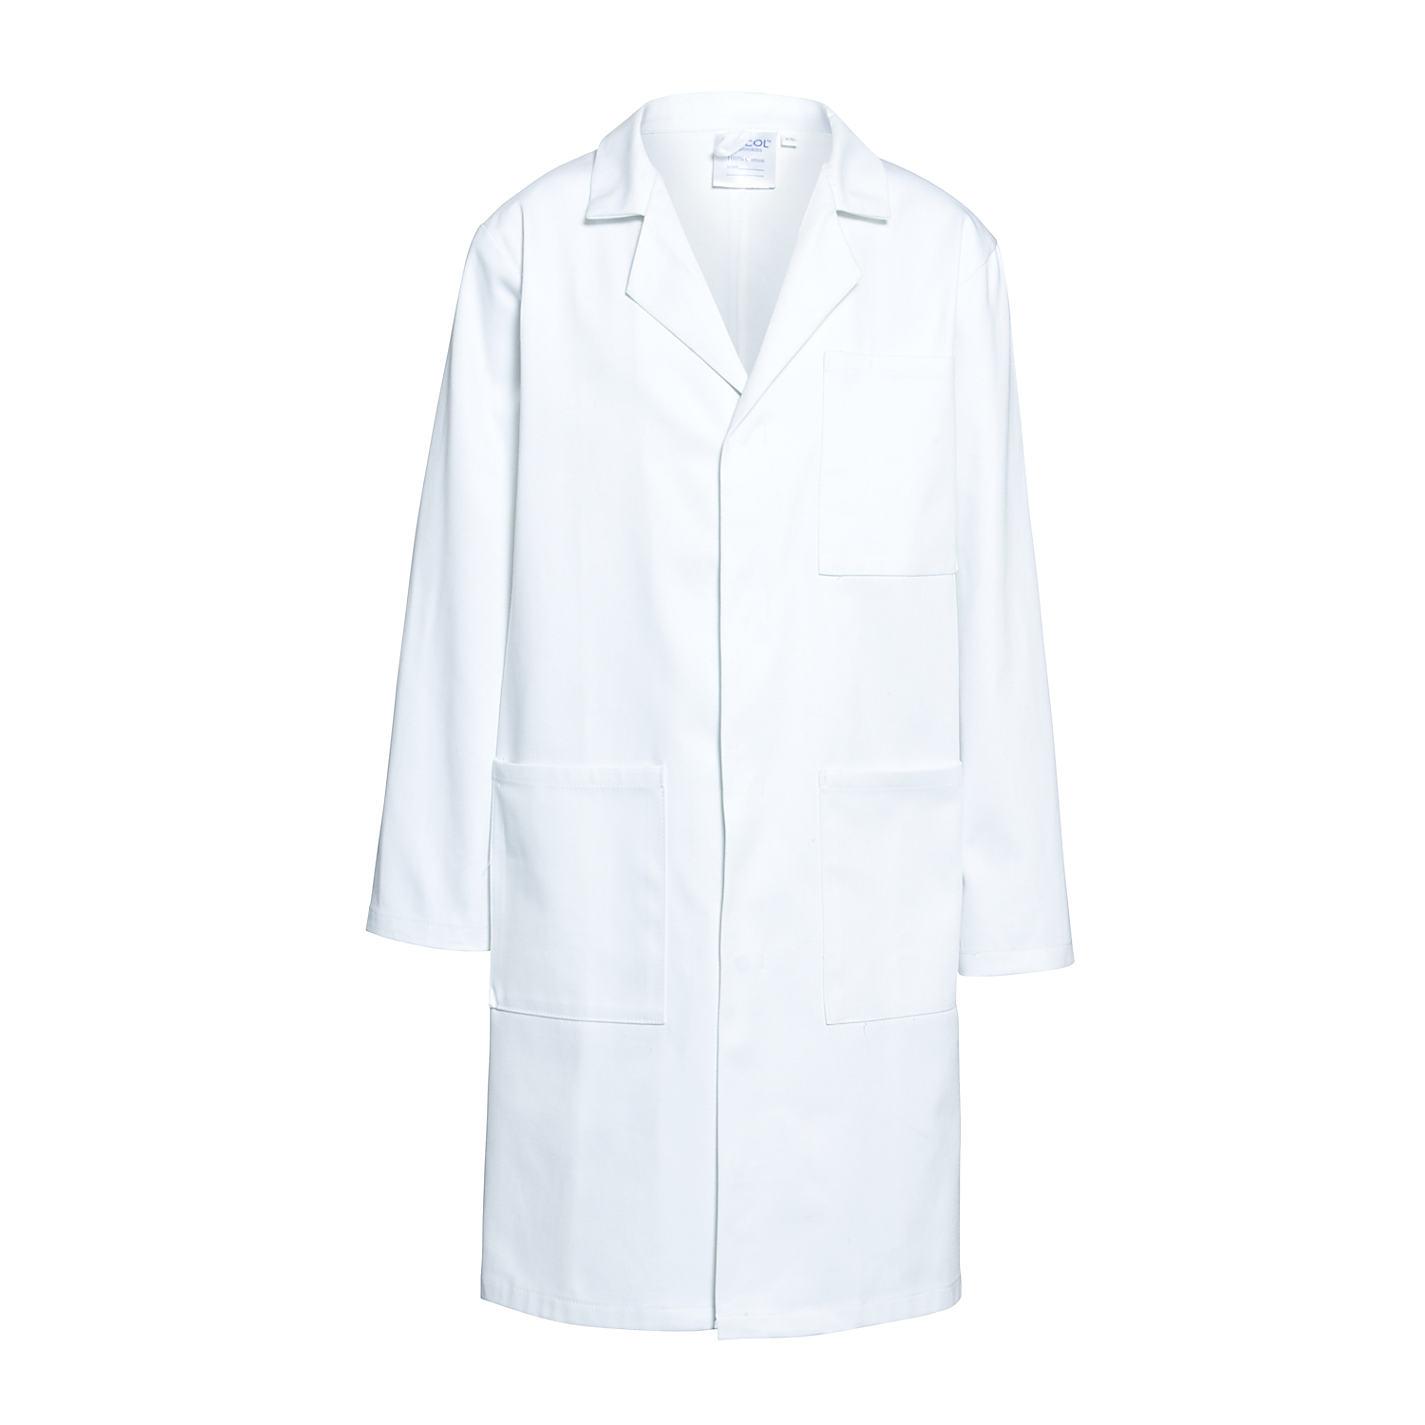 White lab apron - Buy William Turner Lab Coat White Online At Johnlewis Com